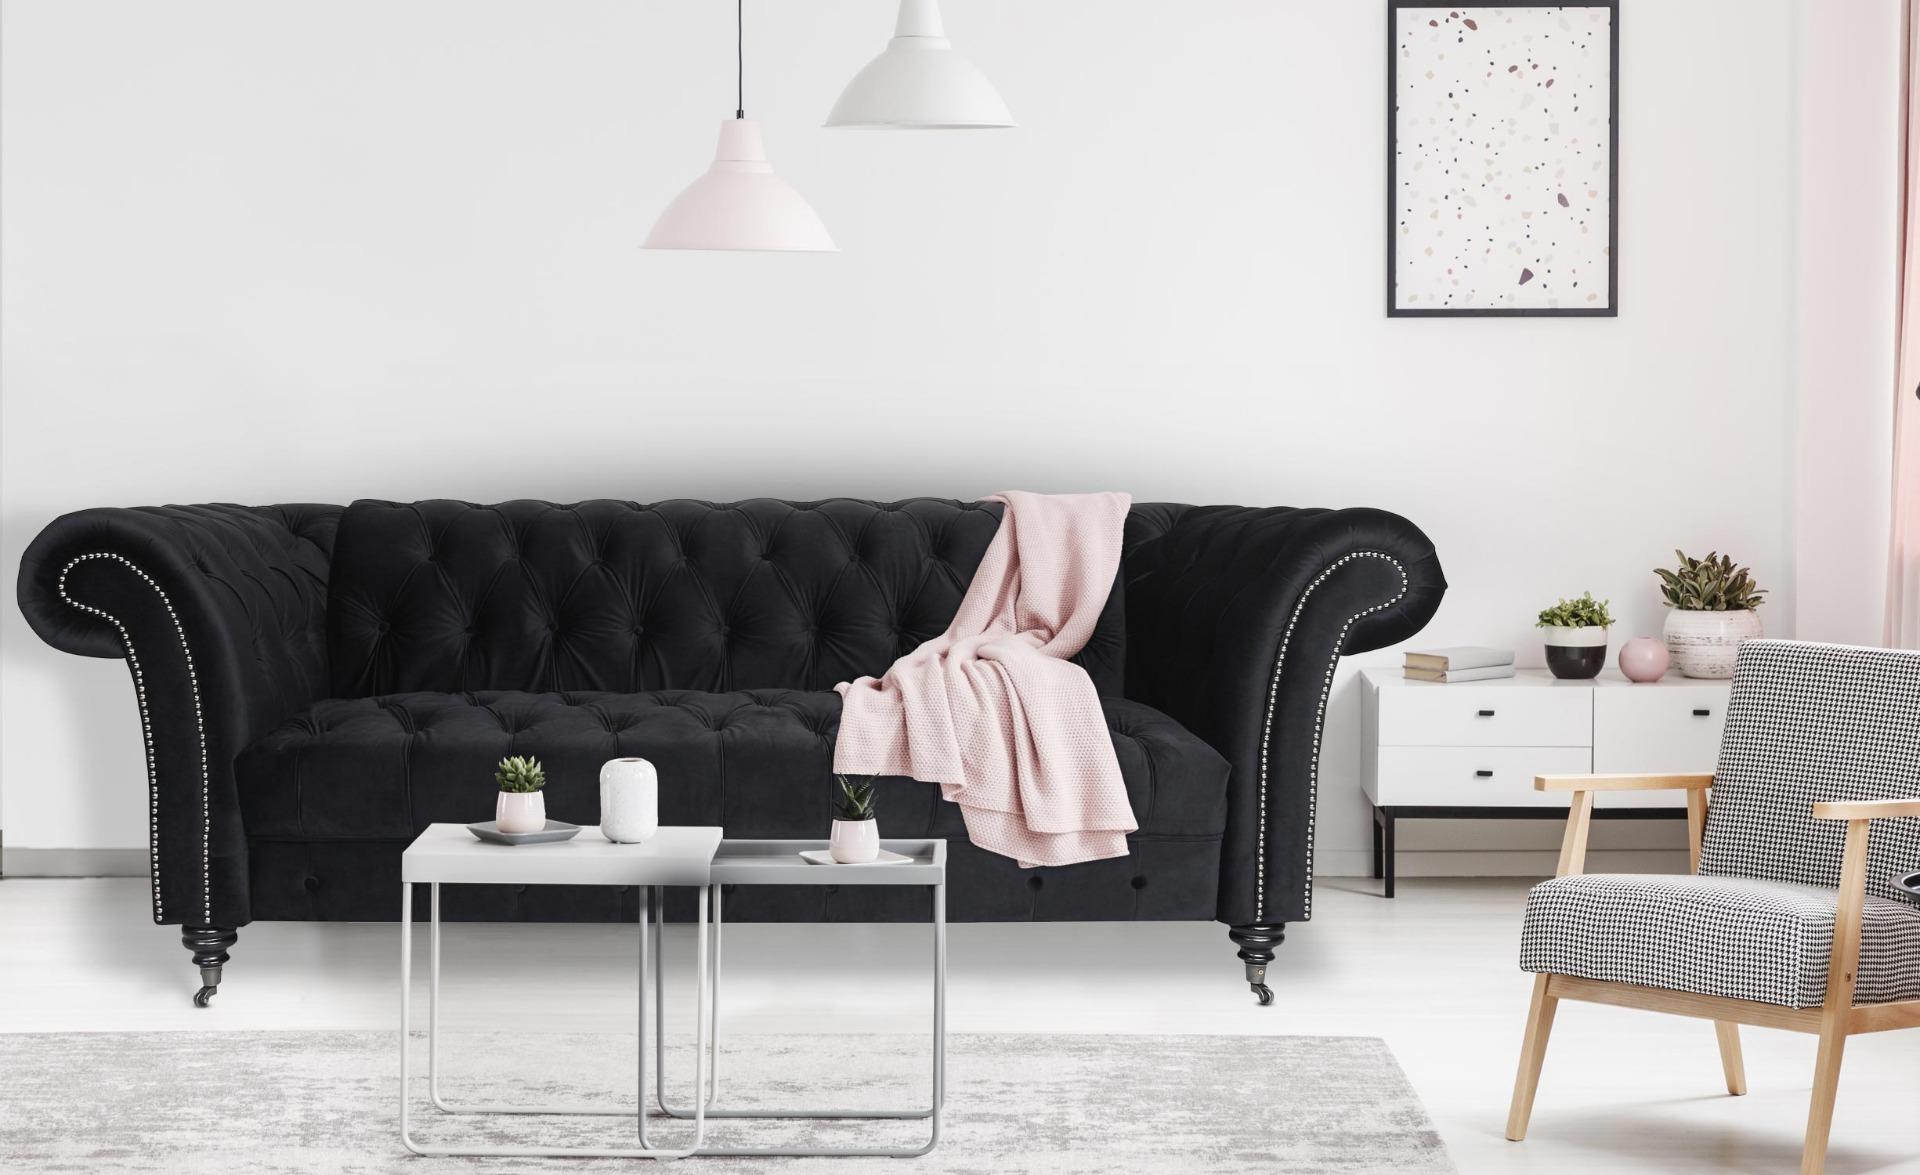 Queen Chesterfield 3-Sitzer Sofa mit Samtbezug Schwarz